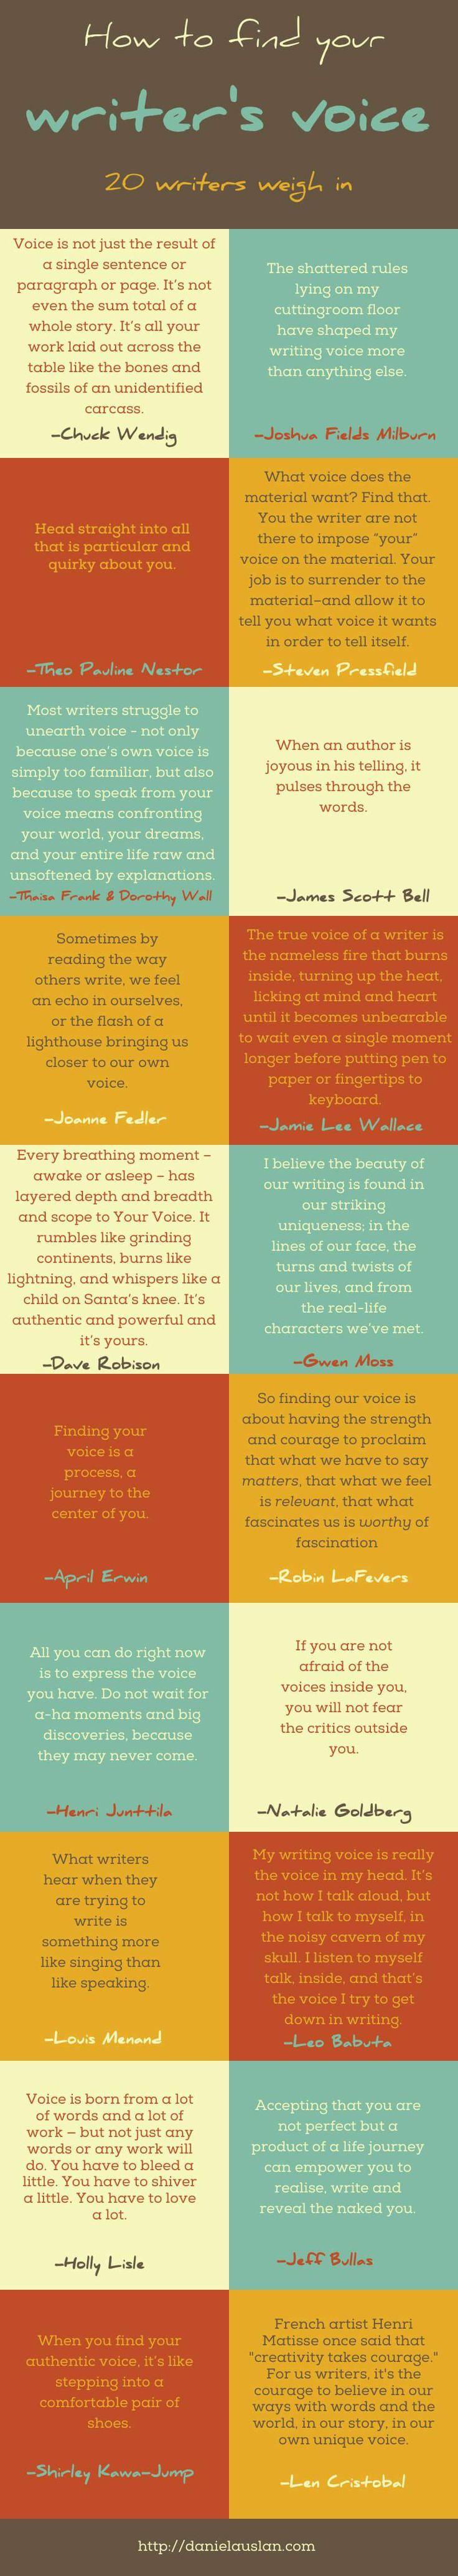 Voice infographic